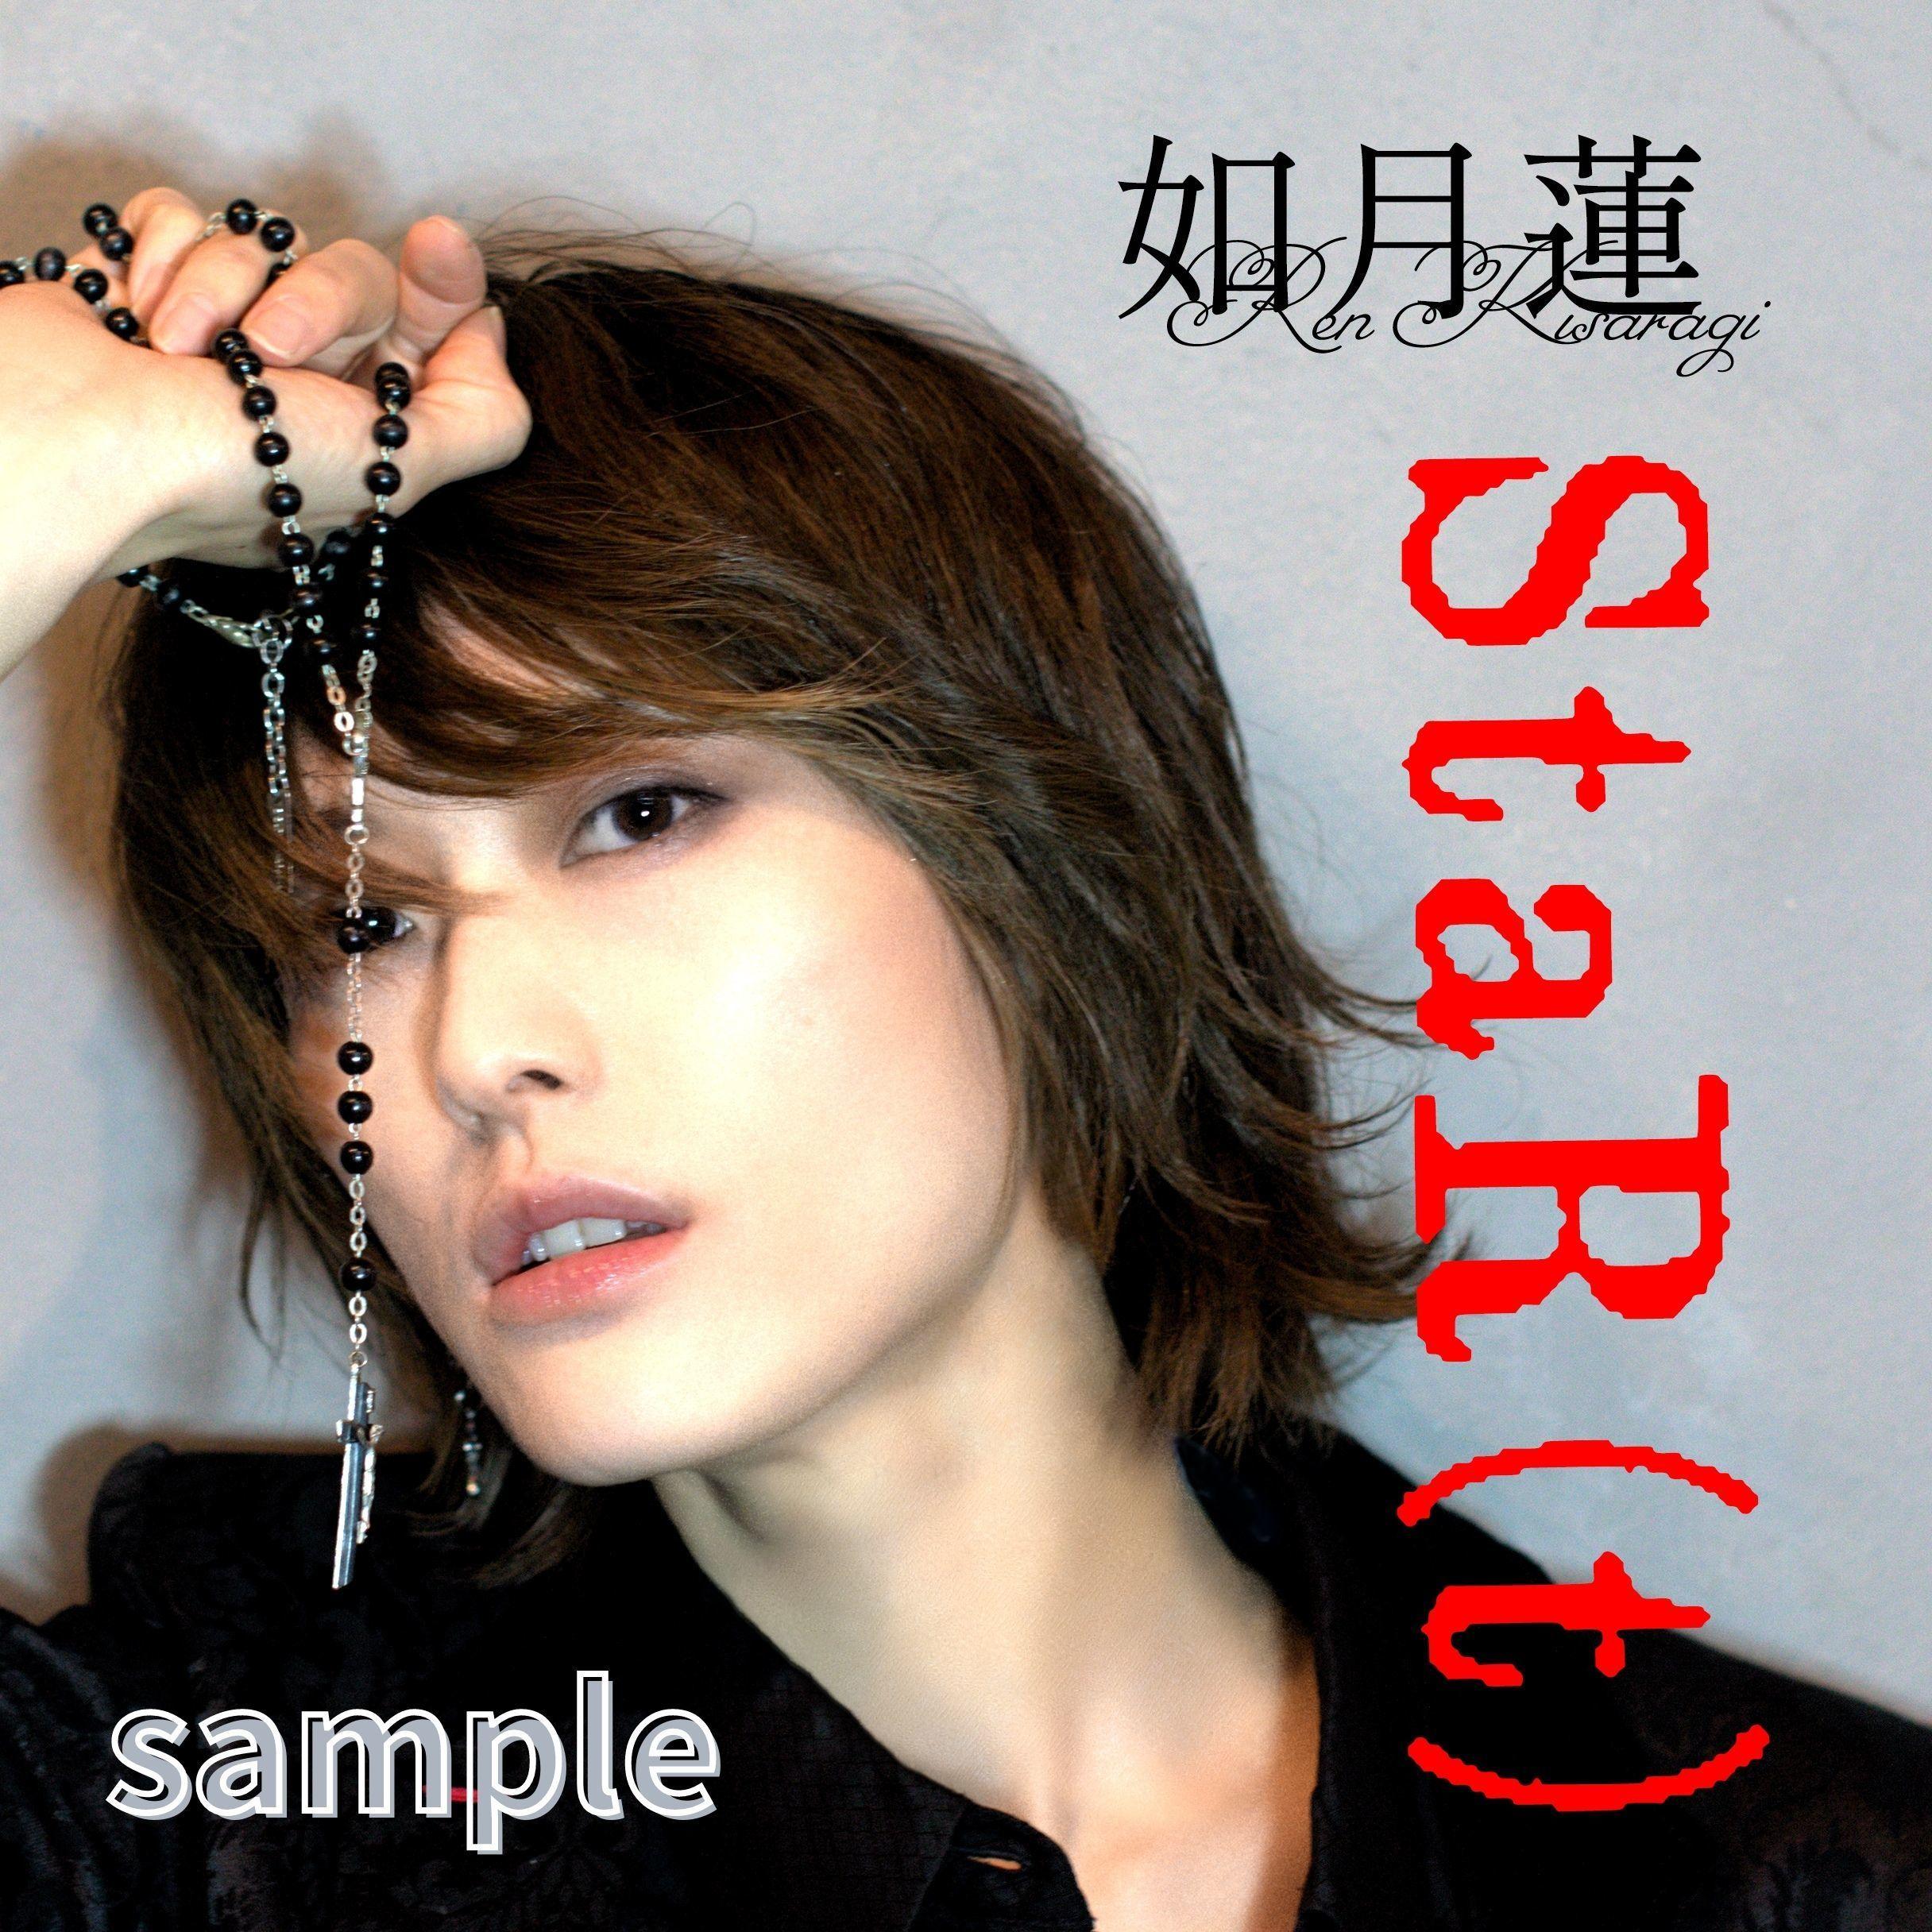 CD 『StaR(t)』& DVD『StaR(t)ミュージックビデオ』(2枚組)